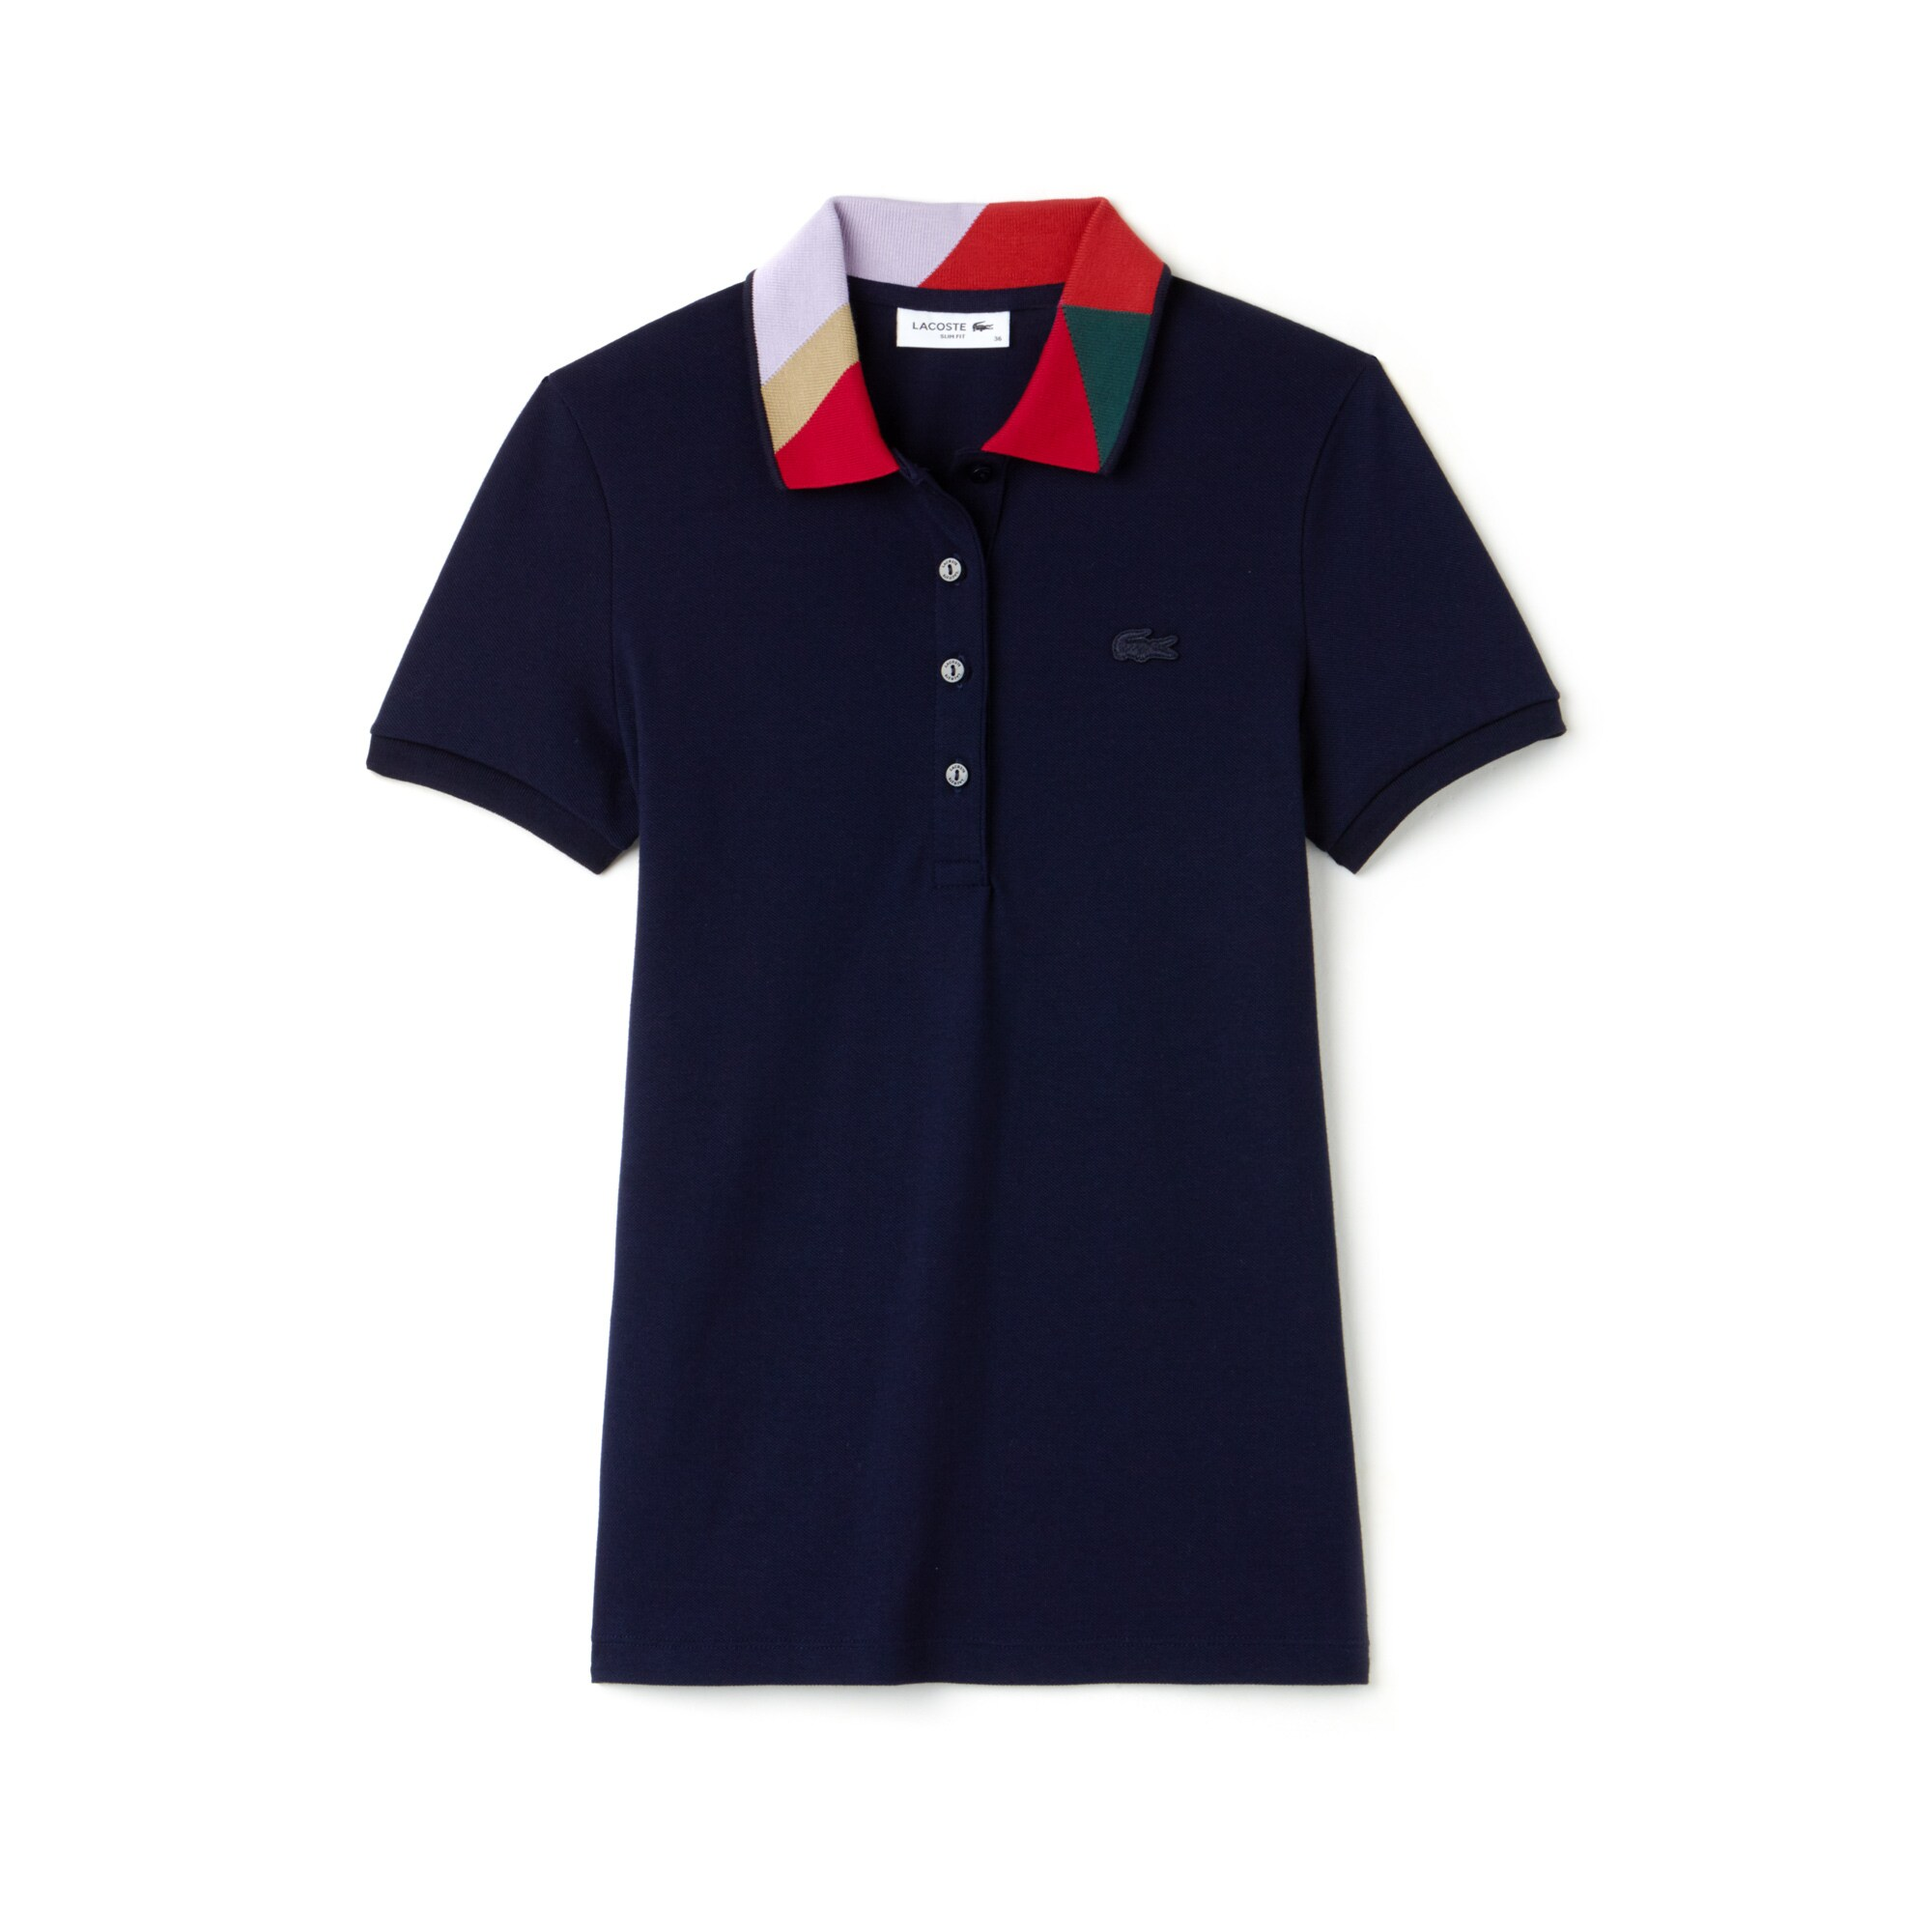 Polo slim fit Lacoste in mini piqué stretch con collo color block